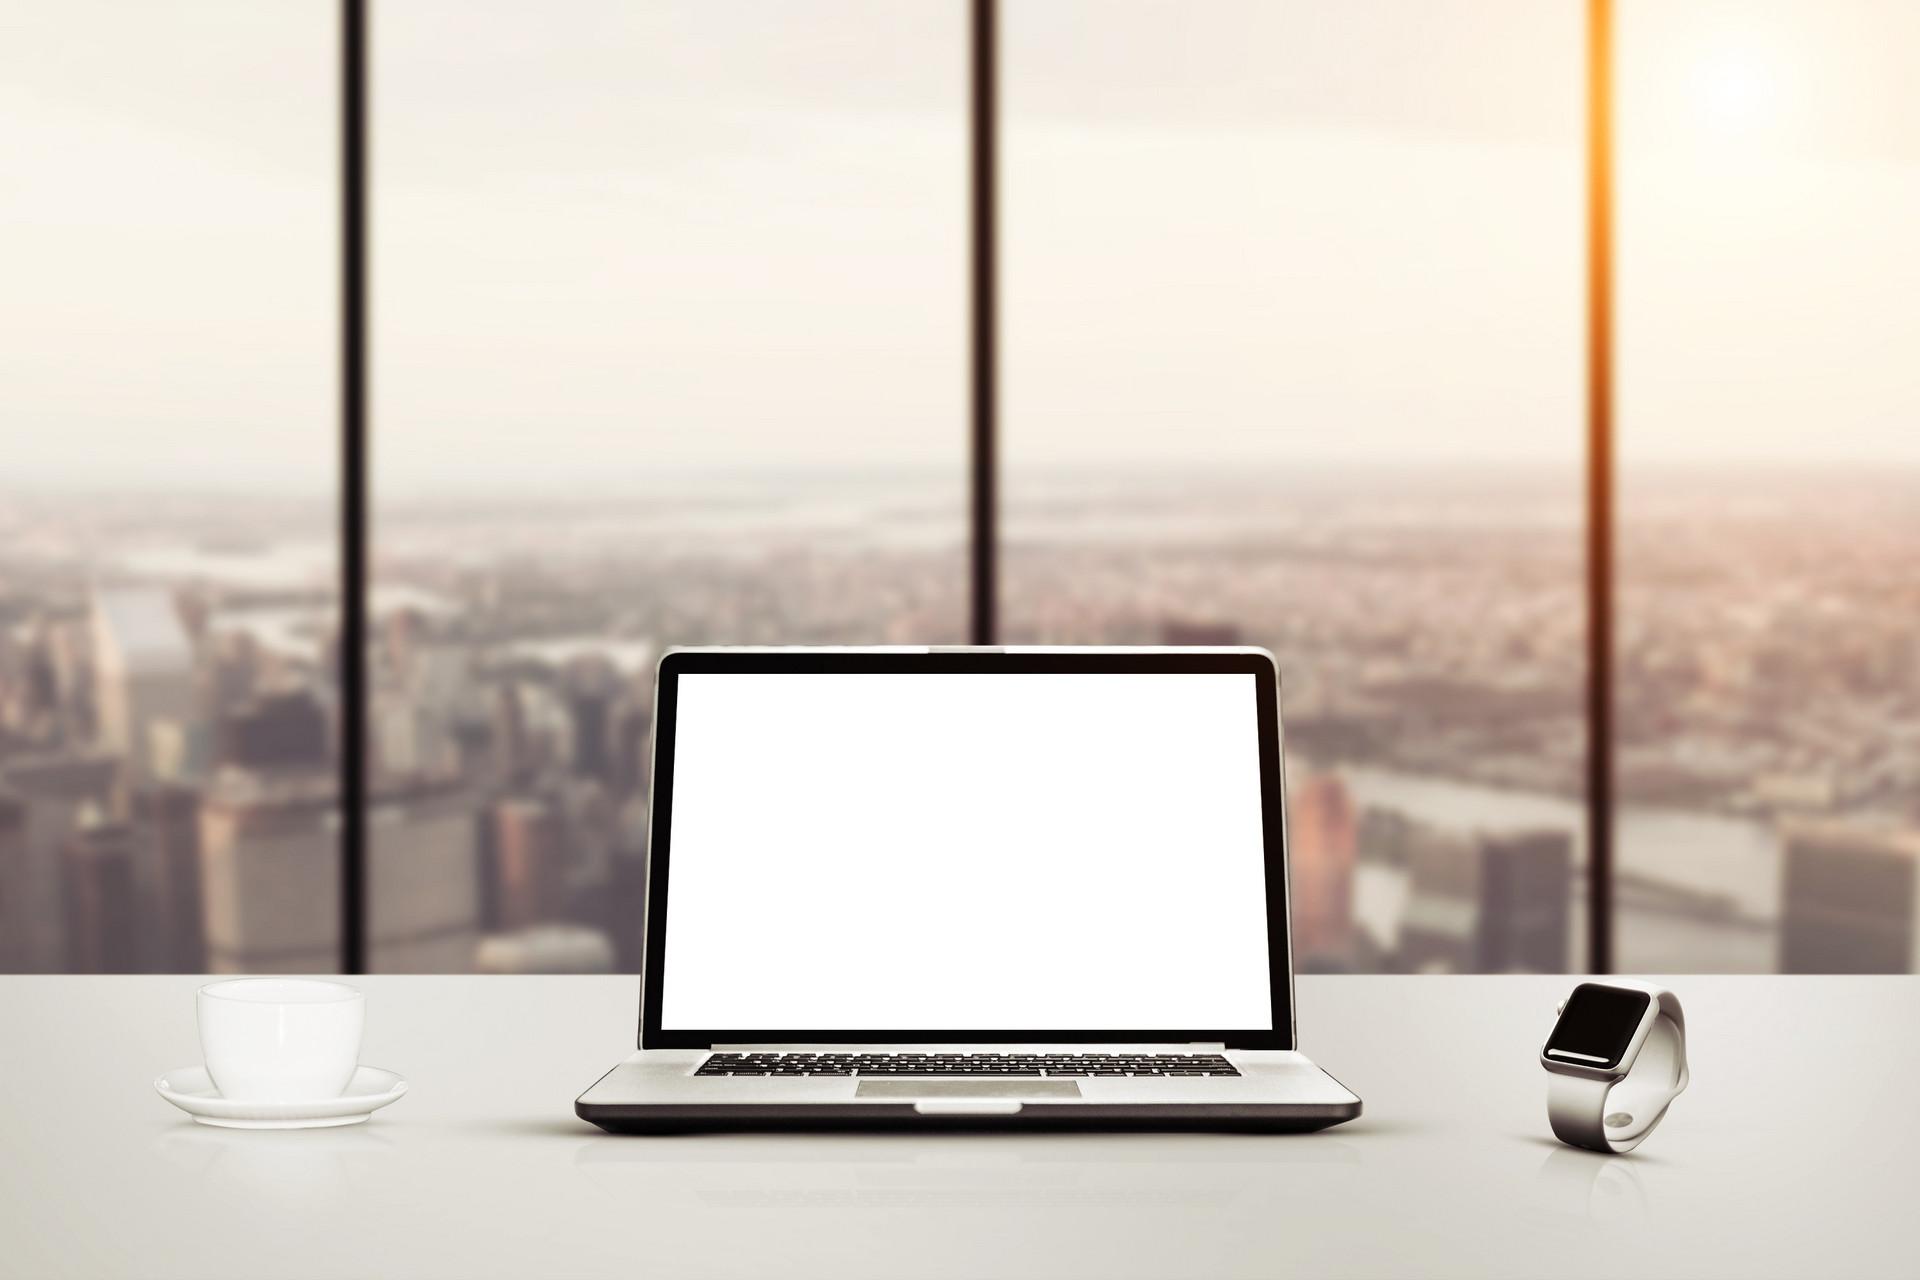 电子工资条必须包含这些内容,否则违法,电子工资条